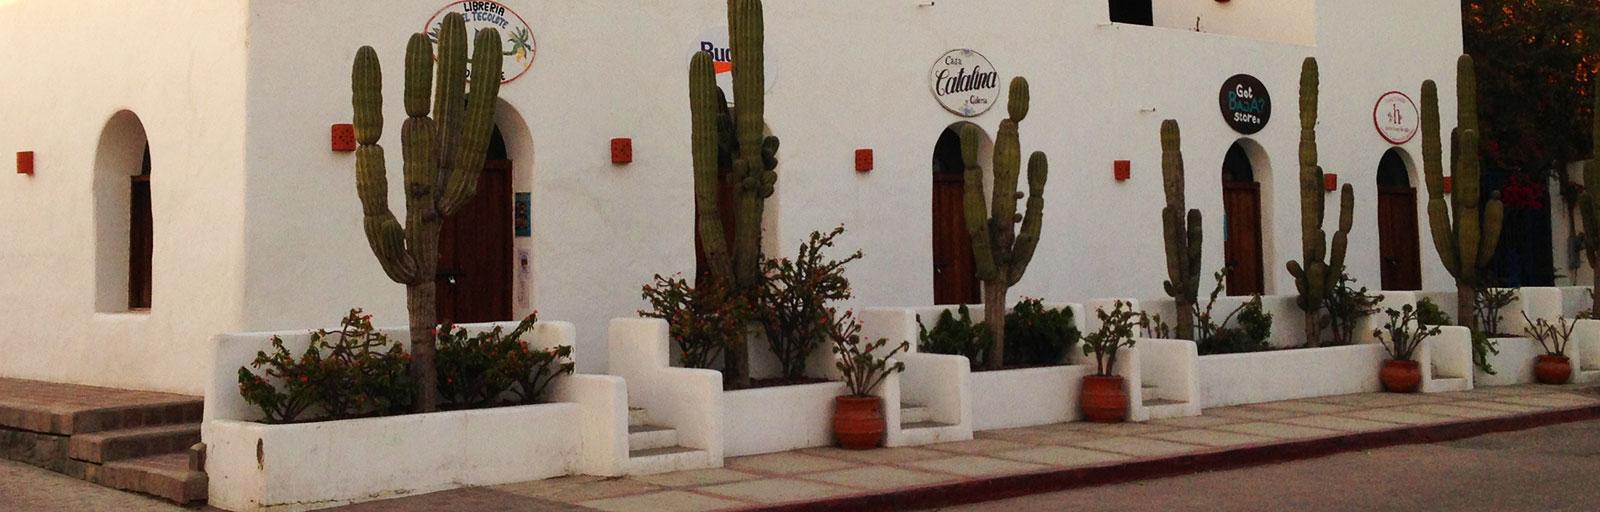 Cabo Yoga Retreats in Baja, Mexico: Shopping in Todos Santos